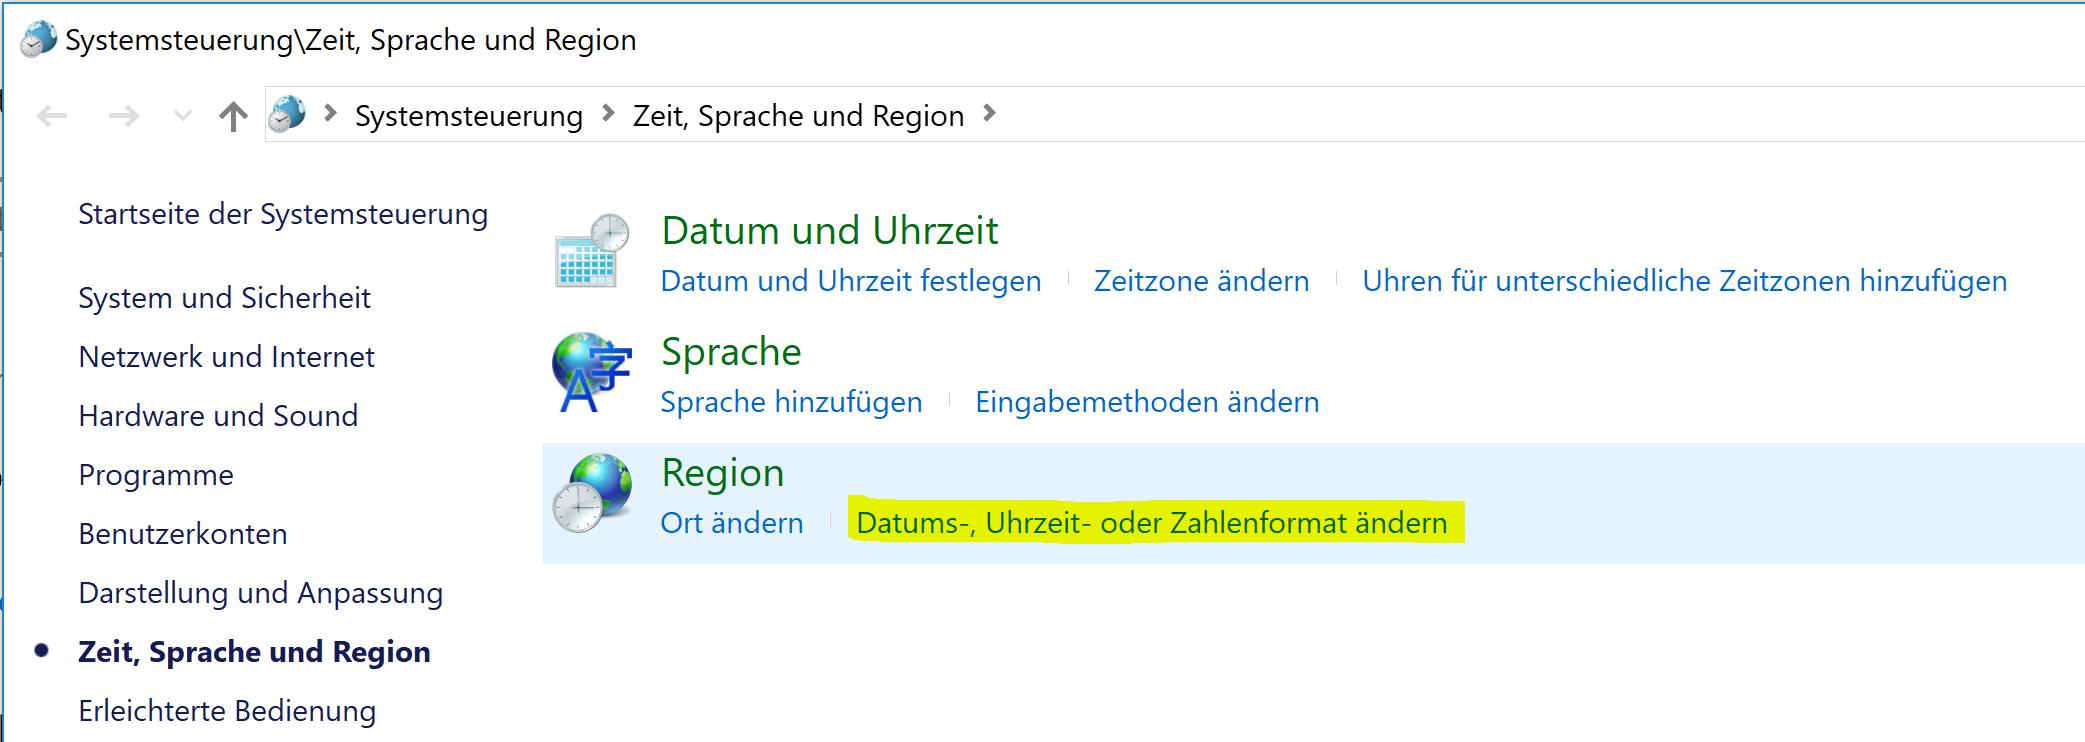 Region: Datums-, Uhrzeit- oder Zahlenformate ändern